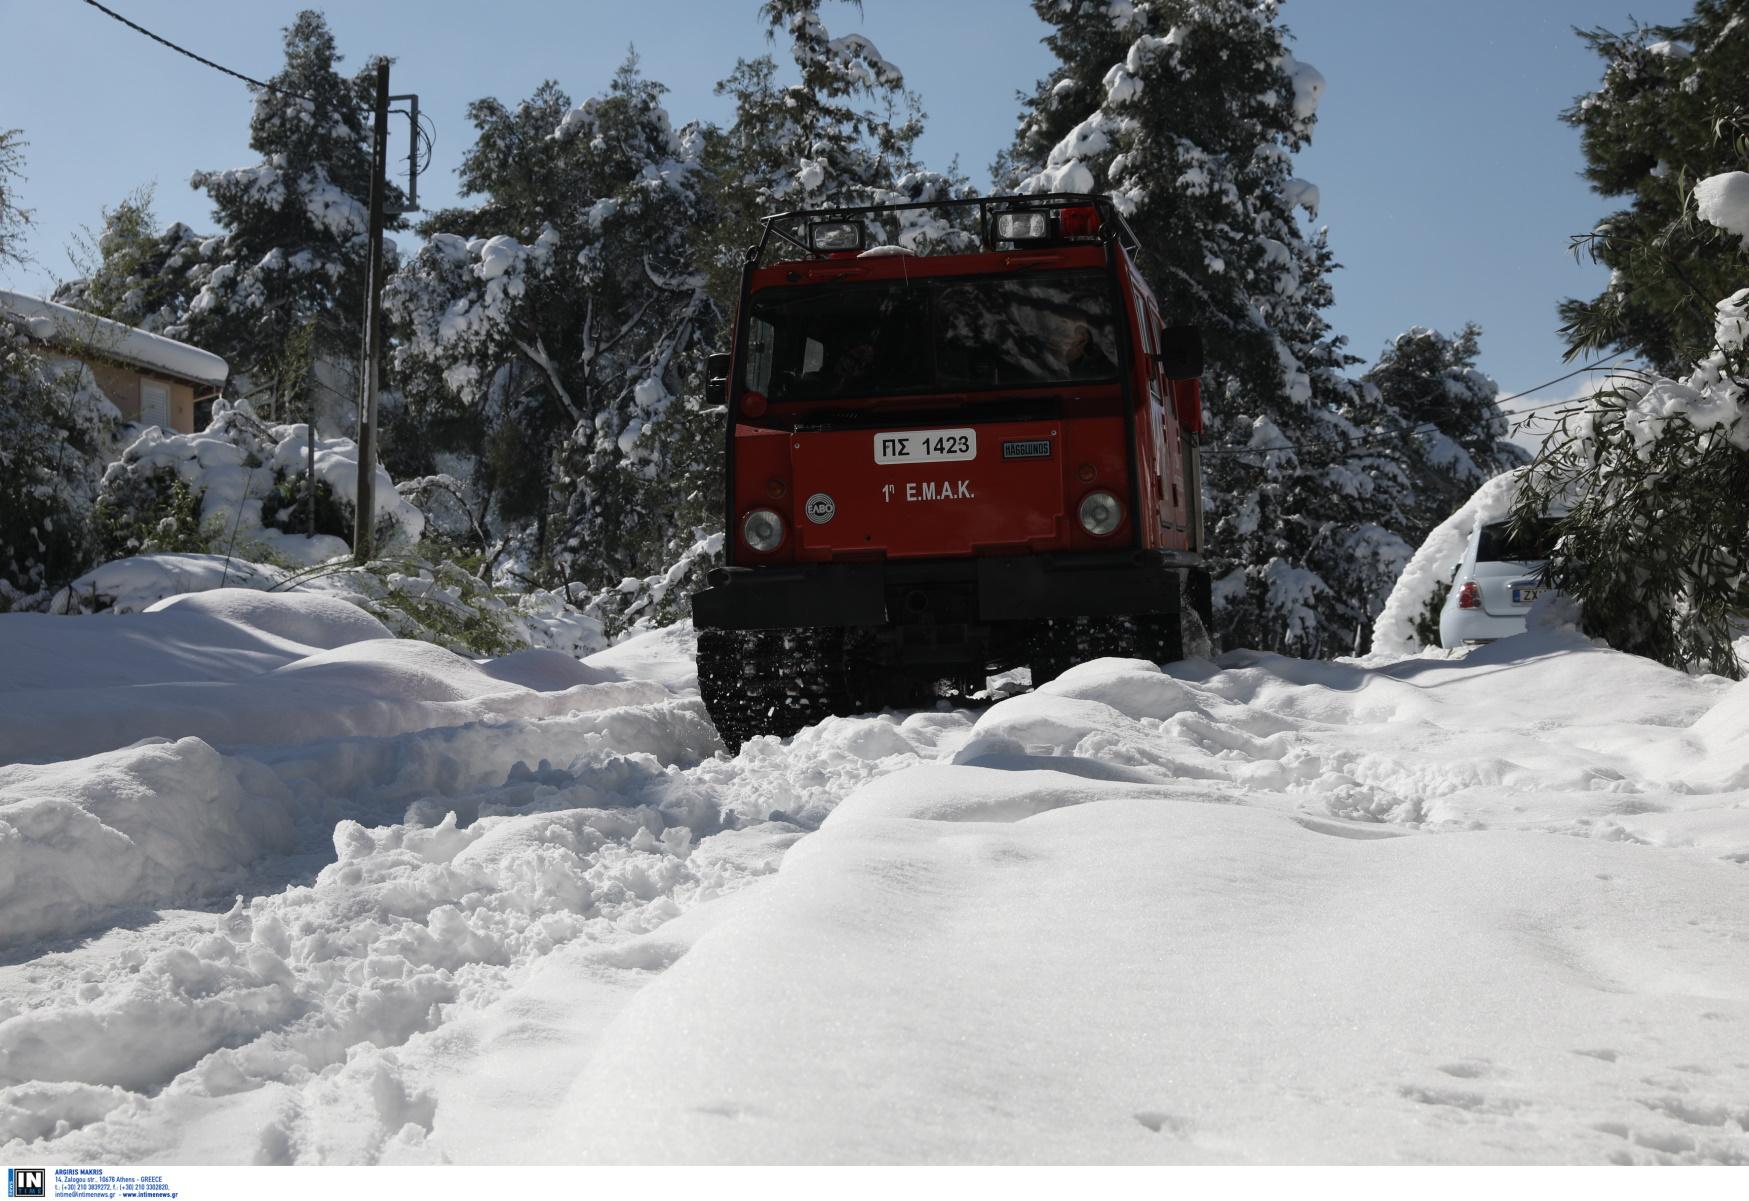 Καιρός – Πυροσβεστικό Σώμα: 2.776 κλήσεις για βοήθεια στη διάρκεια του χιονιά (pics)